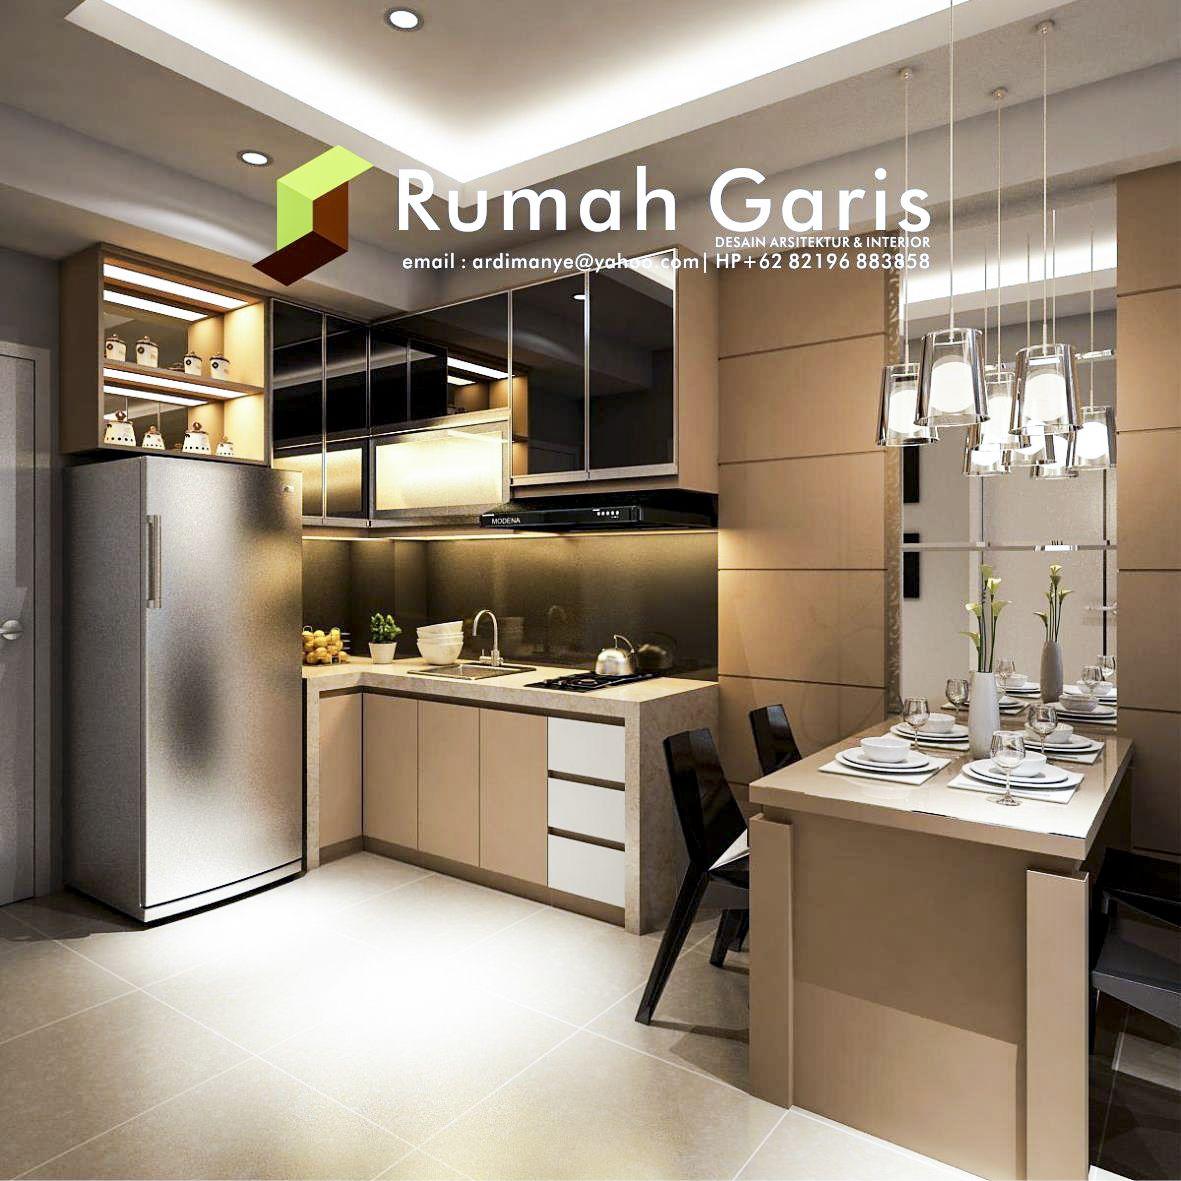 Desain Dapur Kitchen Set Interior Apartemen Konsep Klasik Modern Minimalis Mewah Master Bedroom